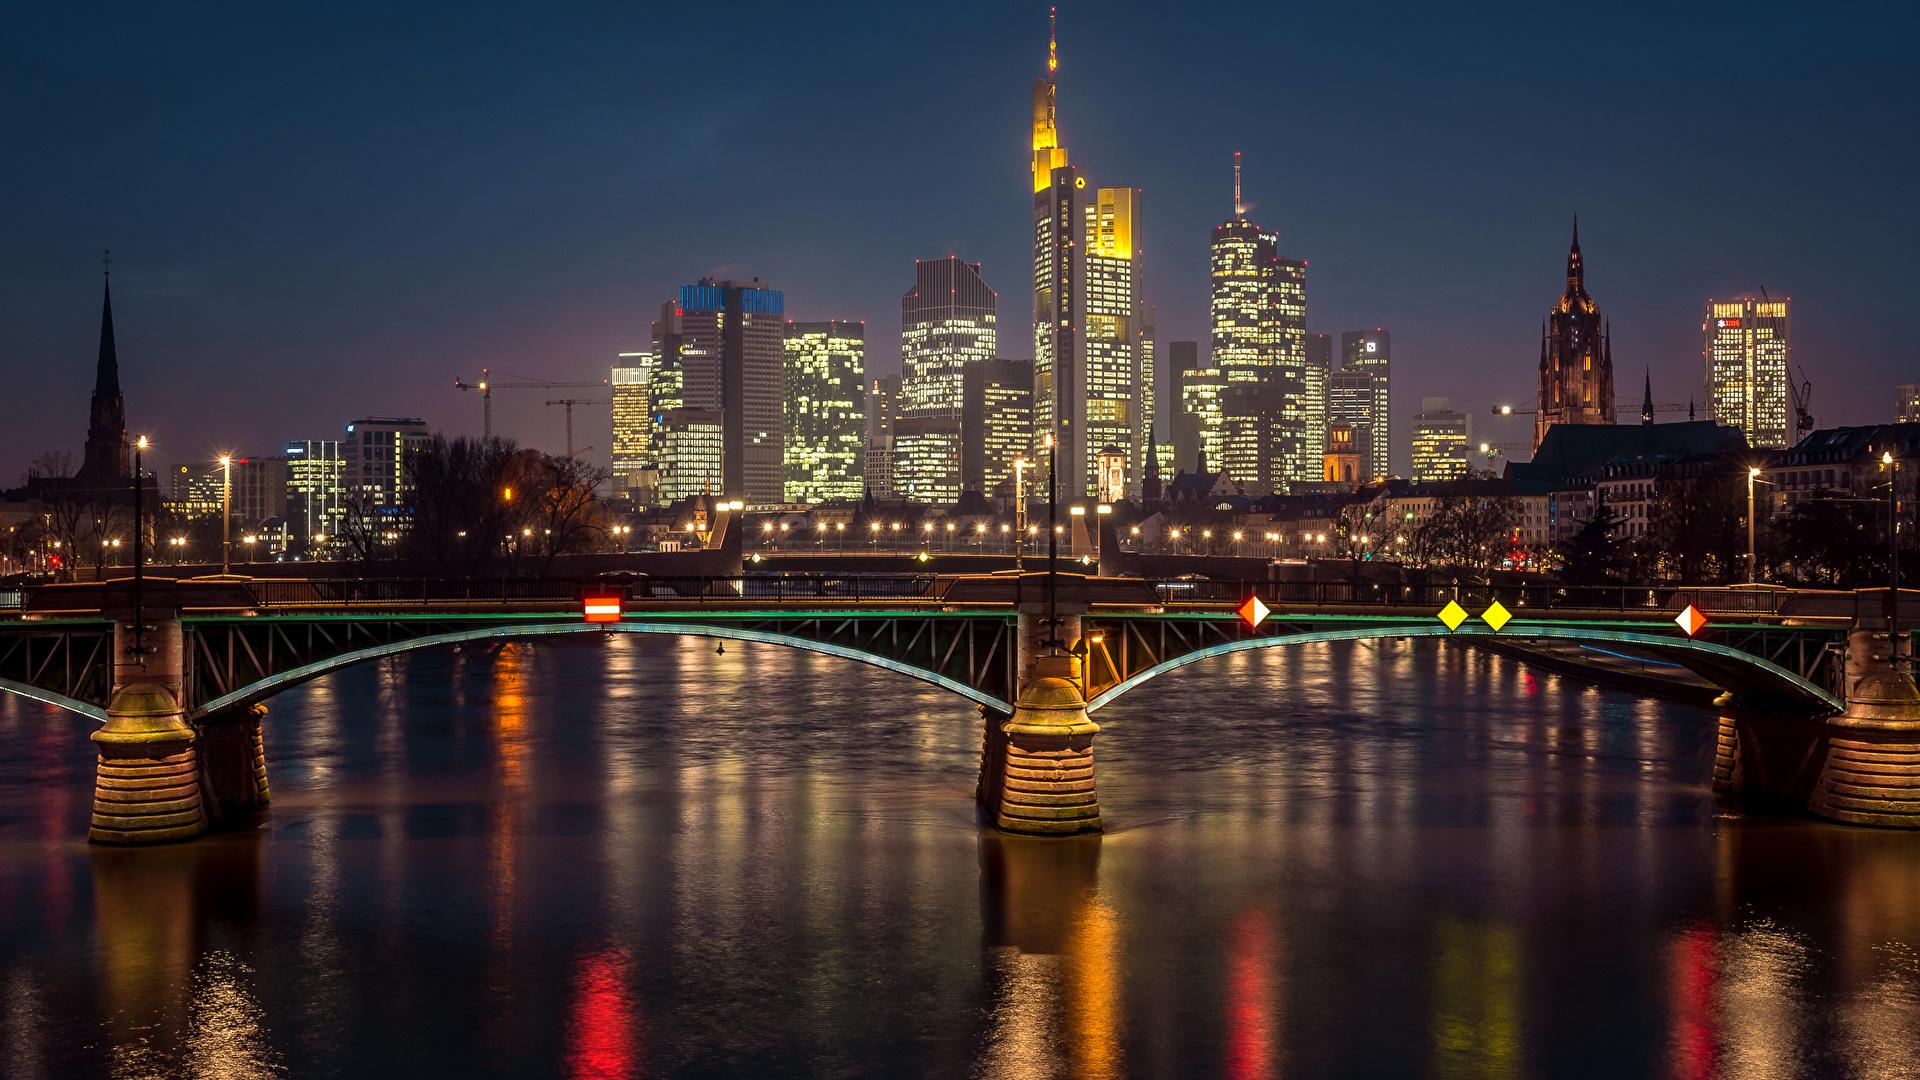 страны архитектура вечер город Франкфурт-на-Майне Германия смотреть